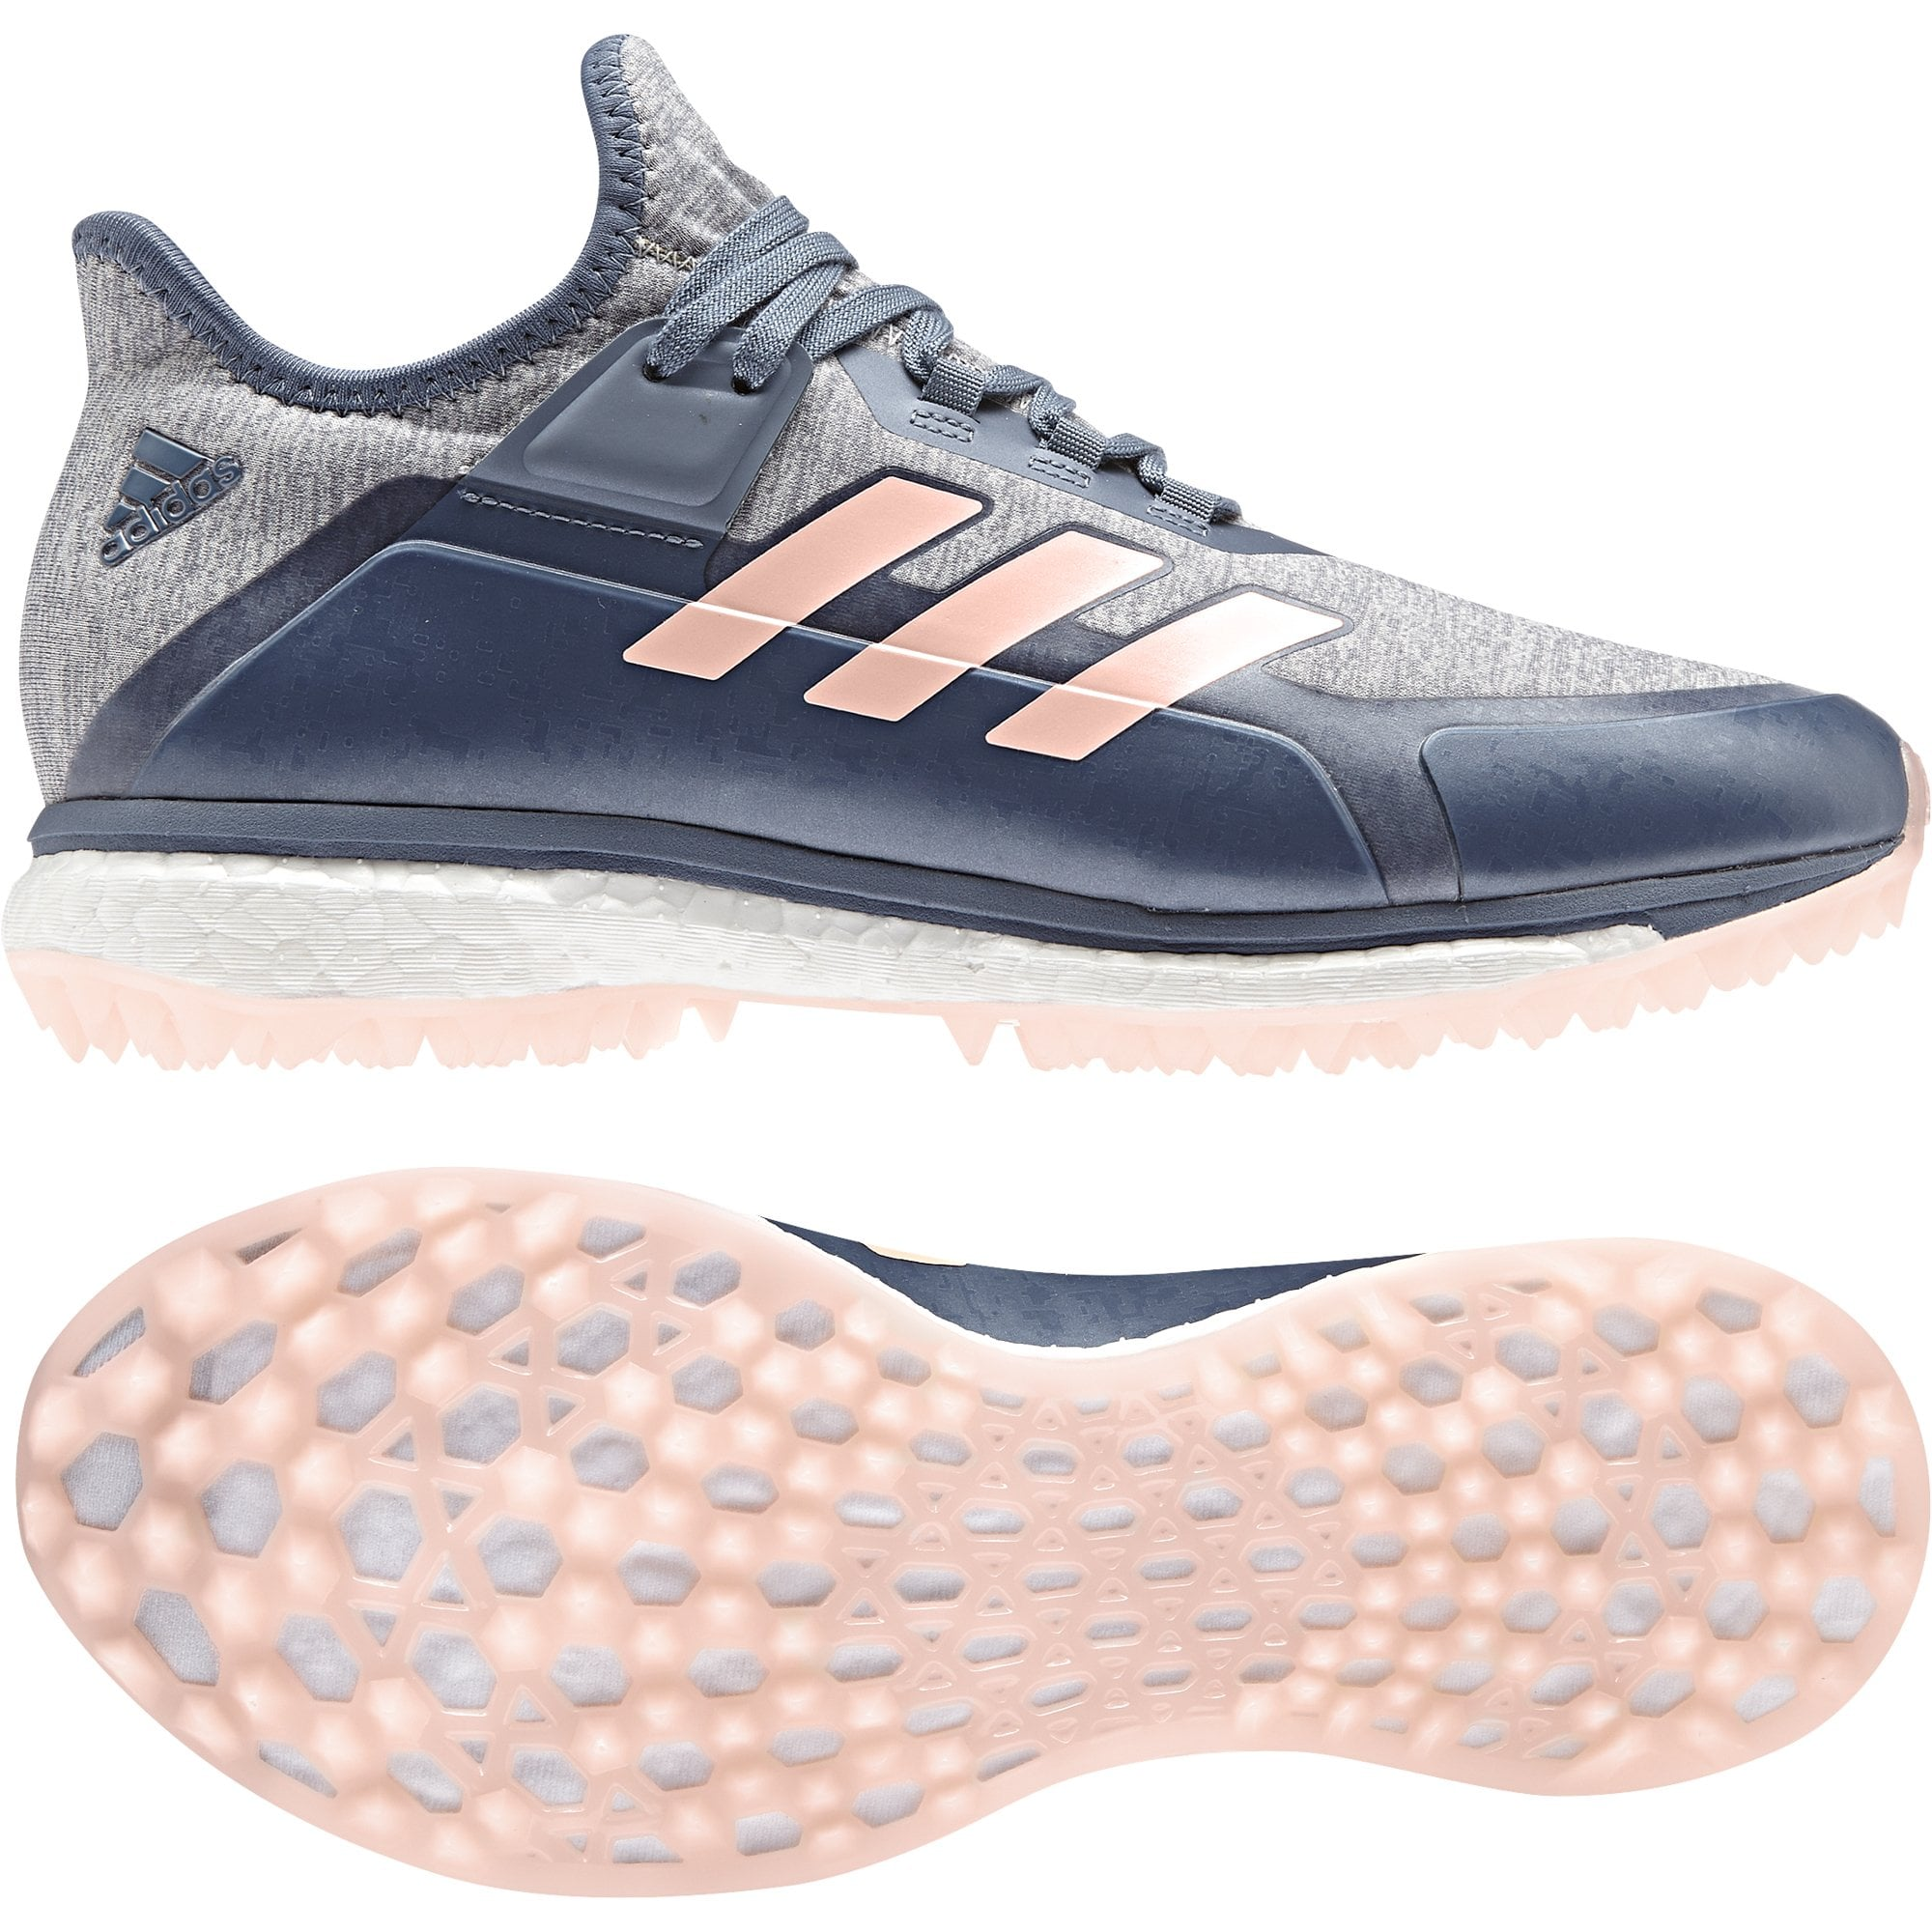 Fabela X Women's Hockey Shoes - Grey/Pink